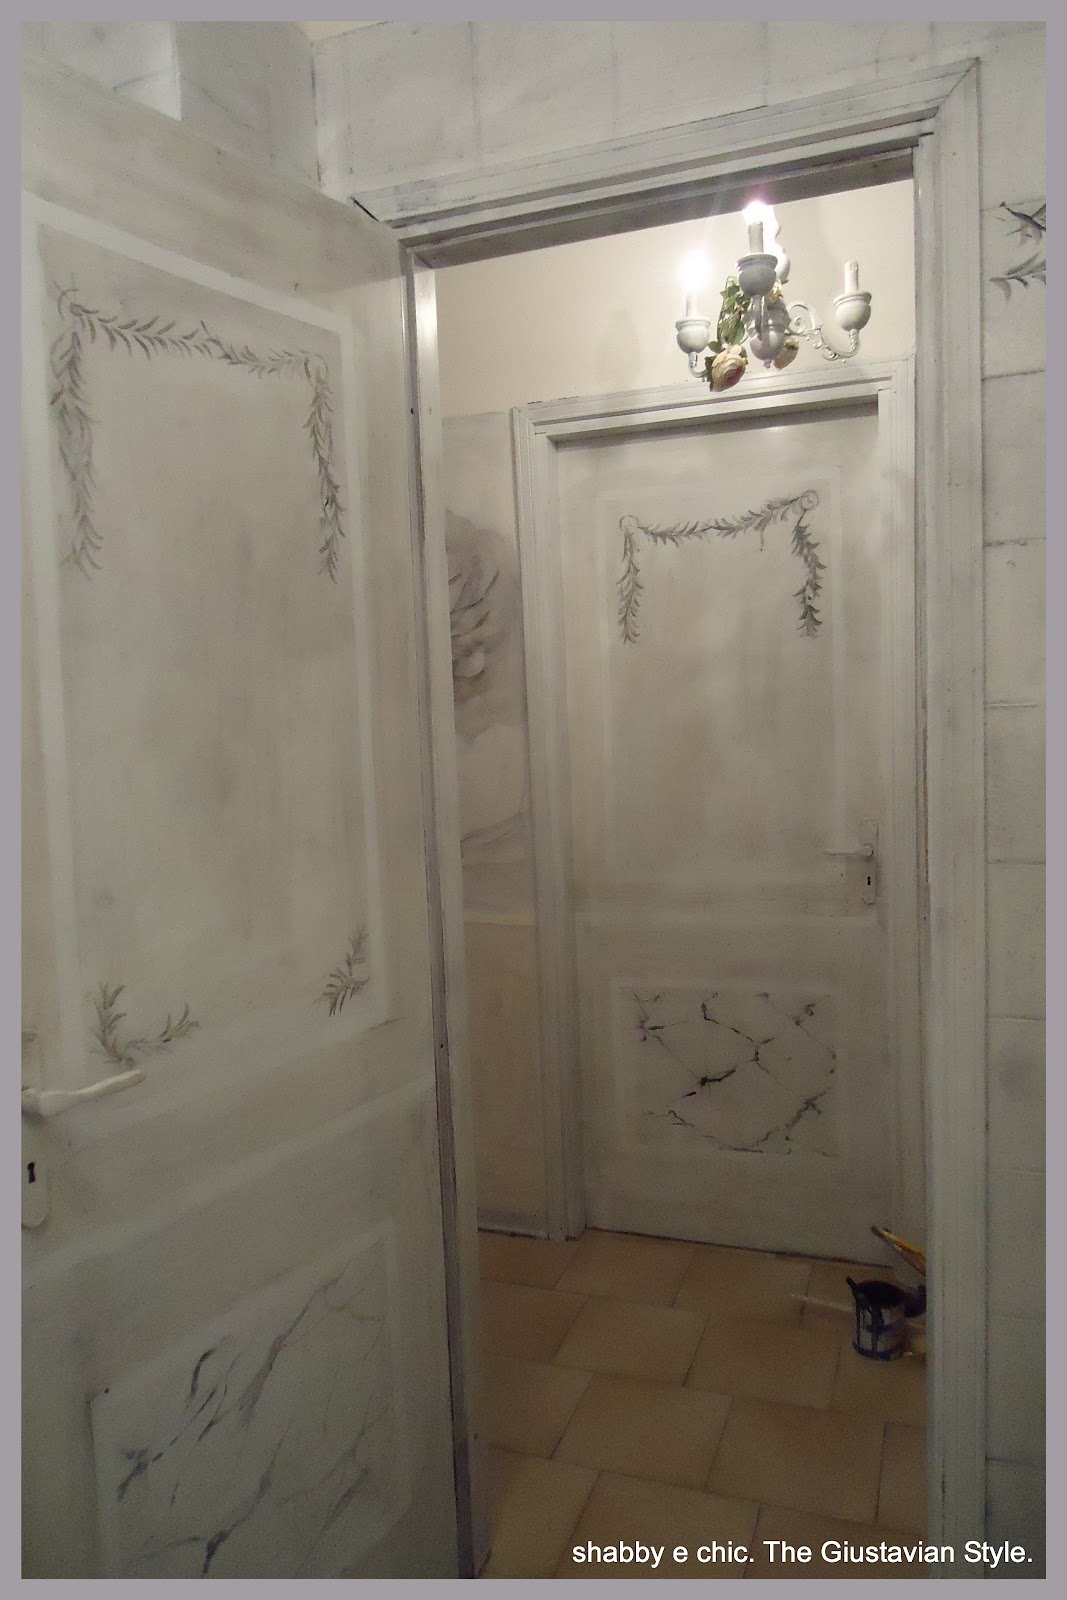 Marzia sofia salvestrini atelier gustavien ricetta come trasformare le porte di casa con un - Come verniciare porte interne ...